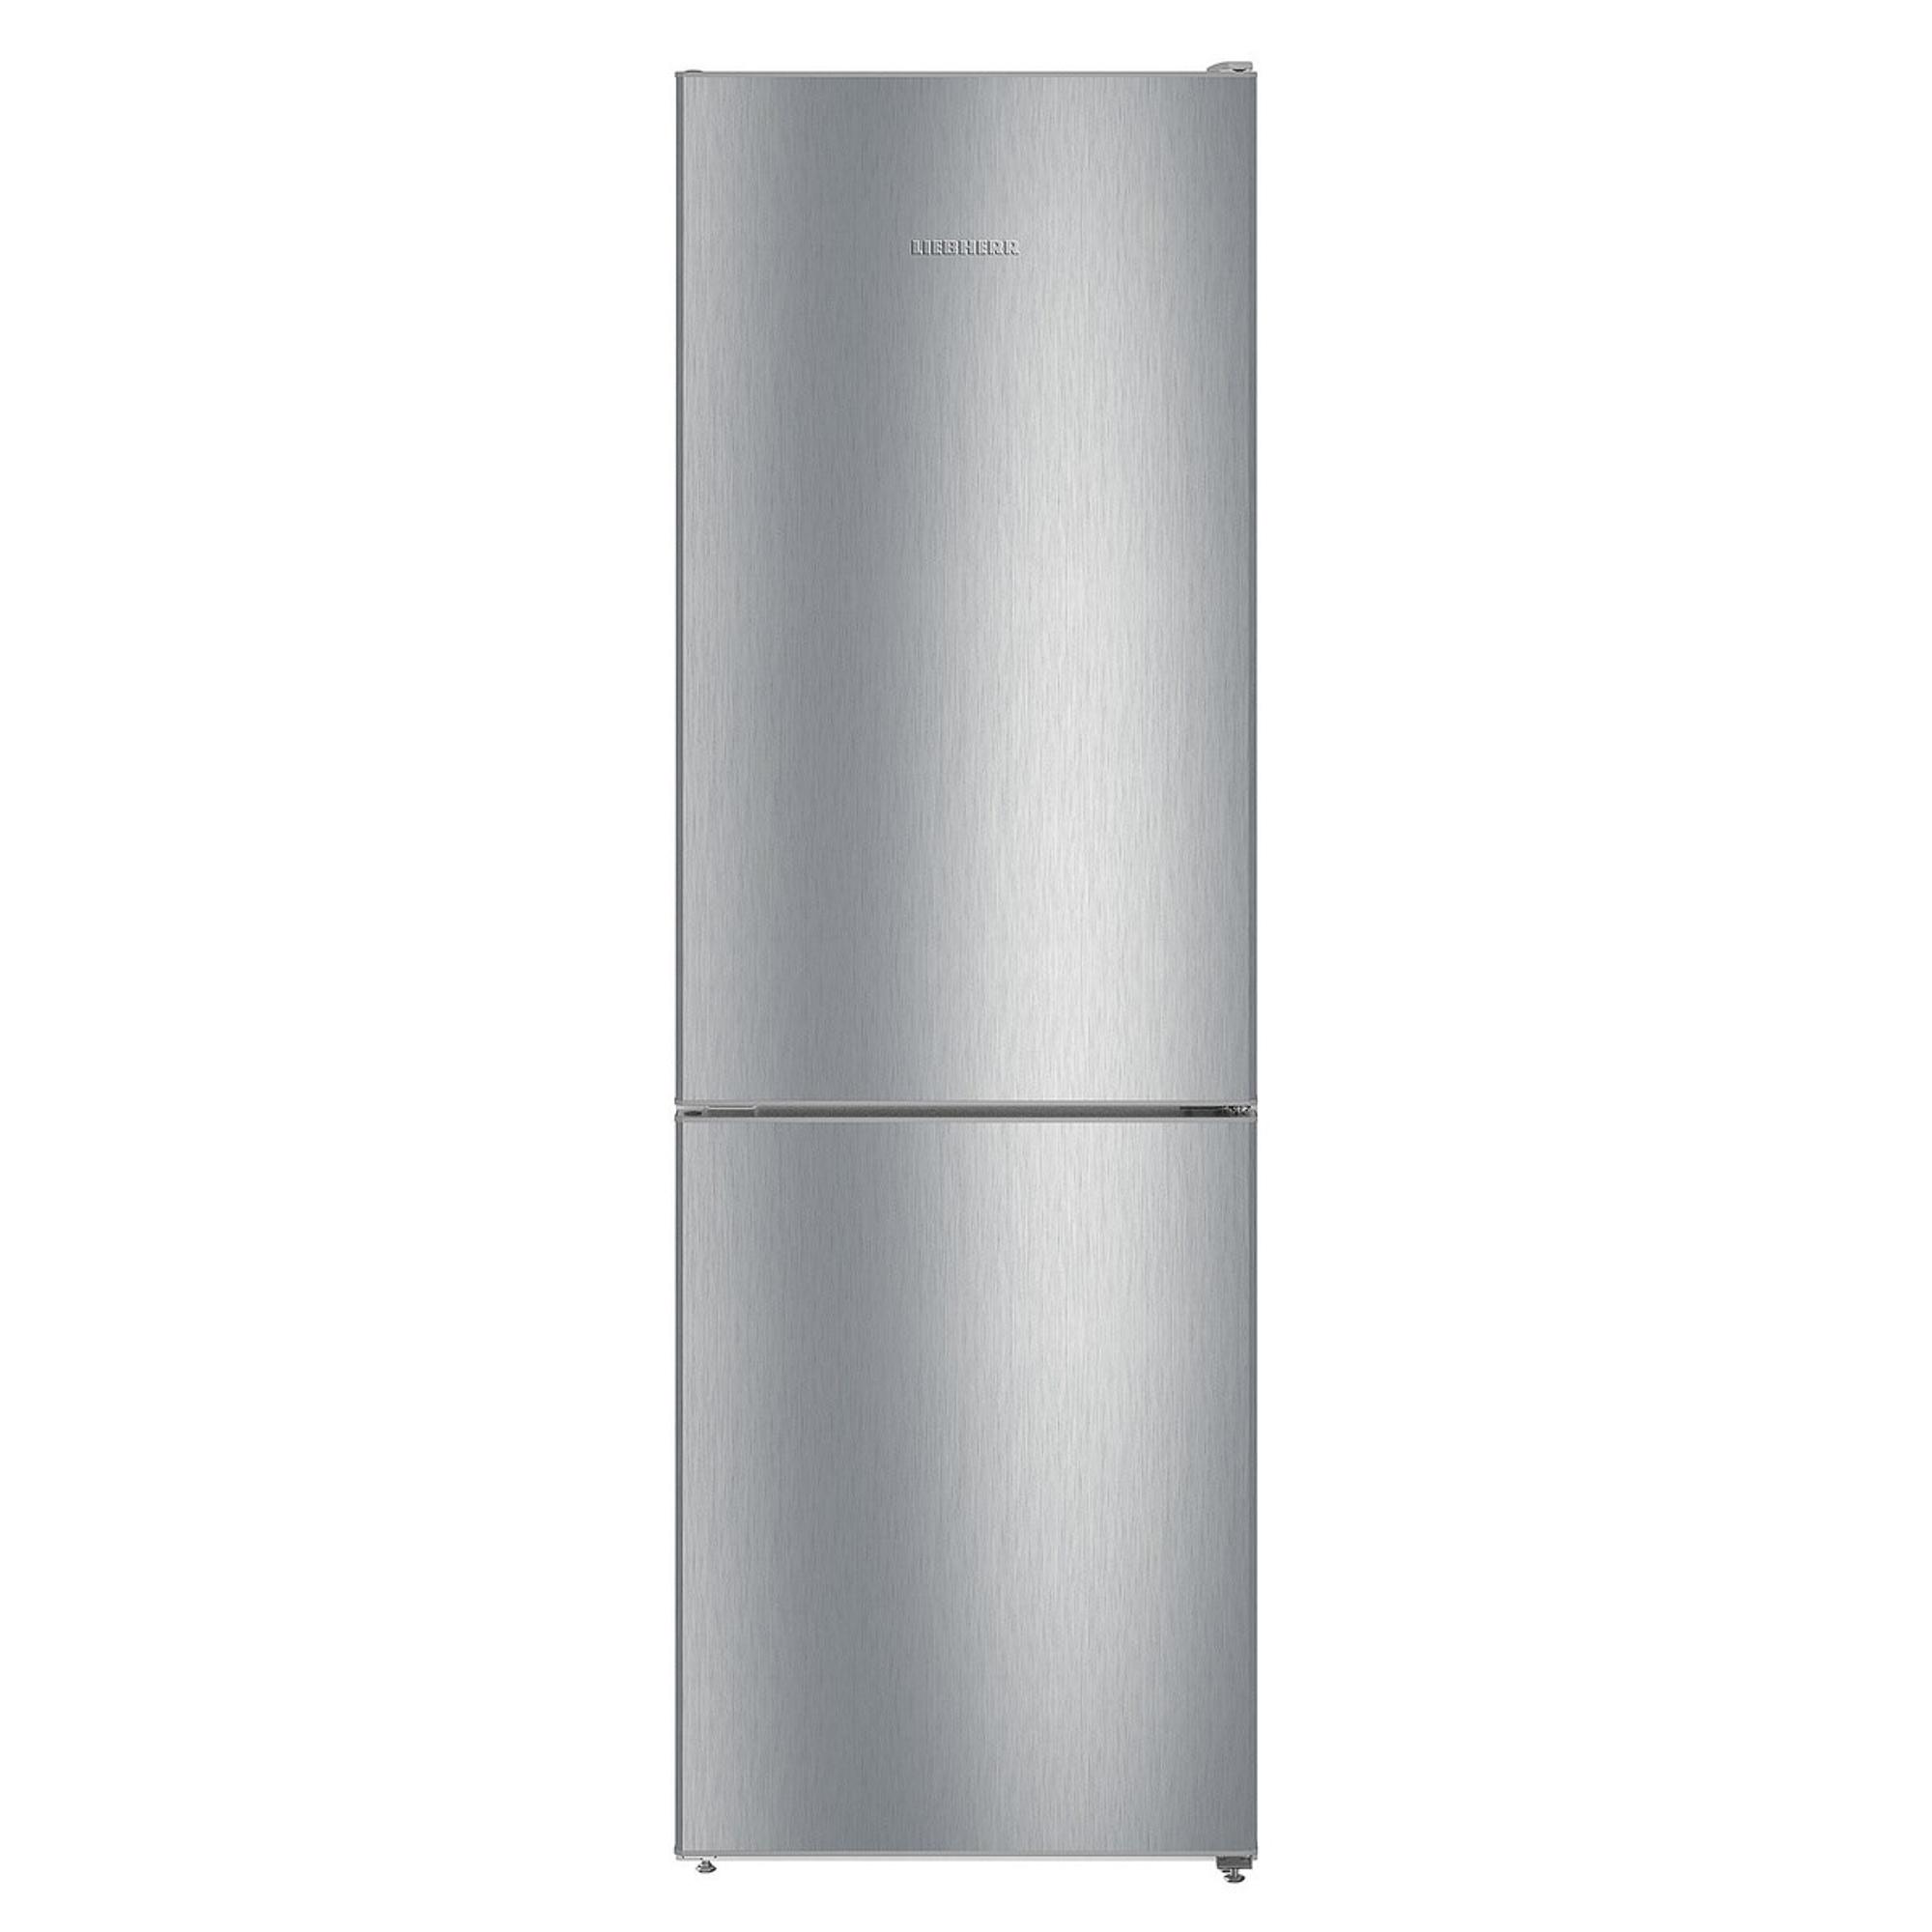 этом серебристый холодильник картинки что единственным точным